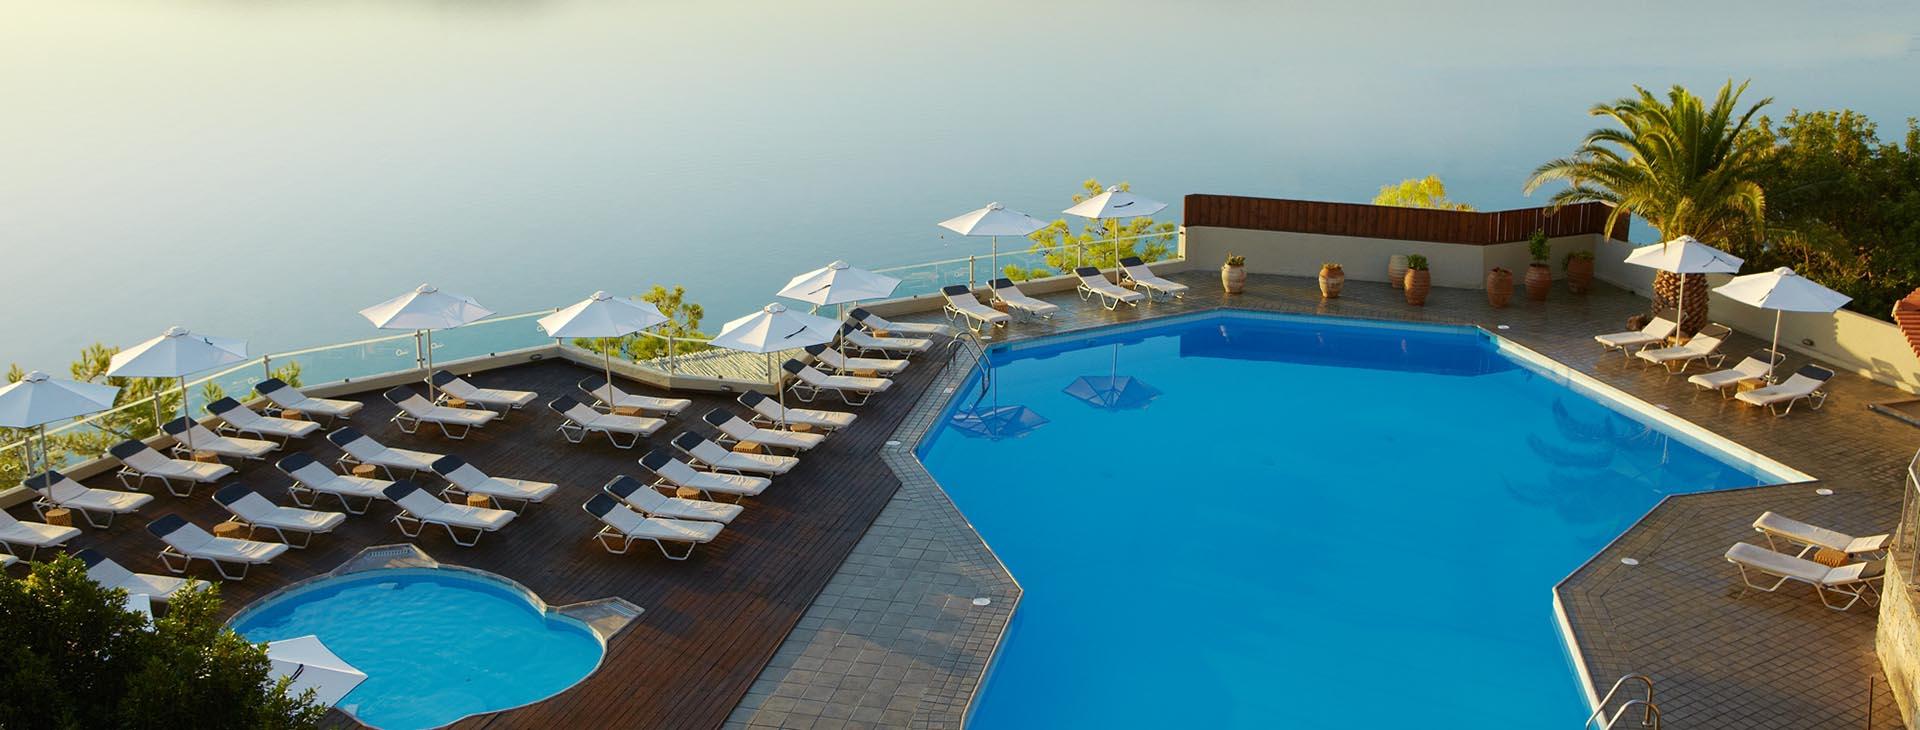 Elounda Blu Hotel - Adult Only Hotel